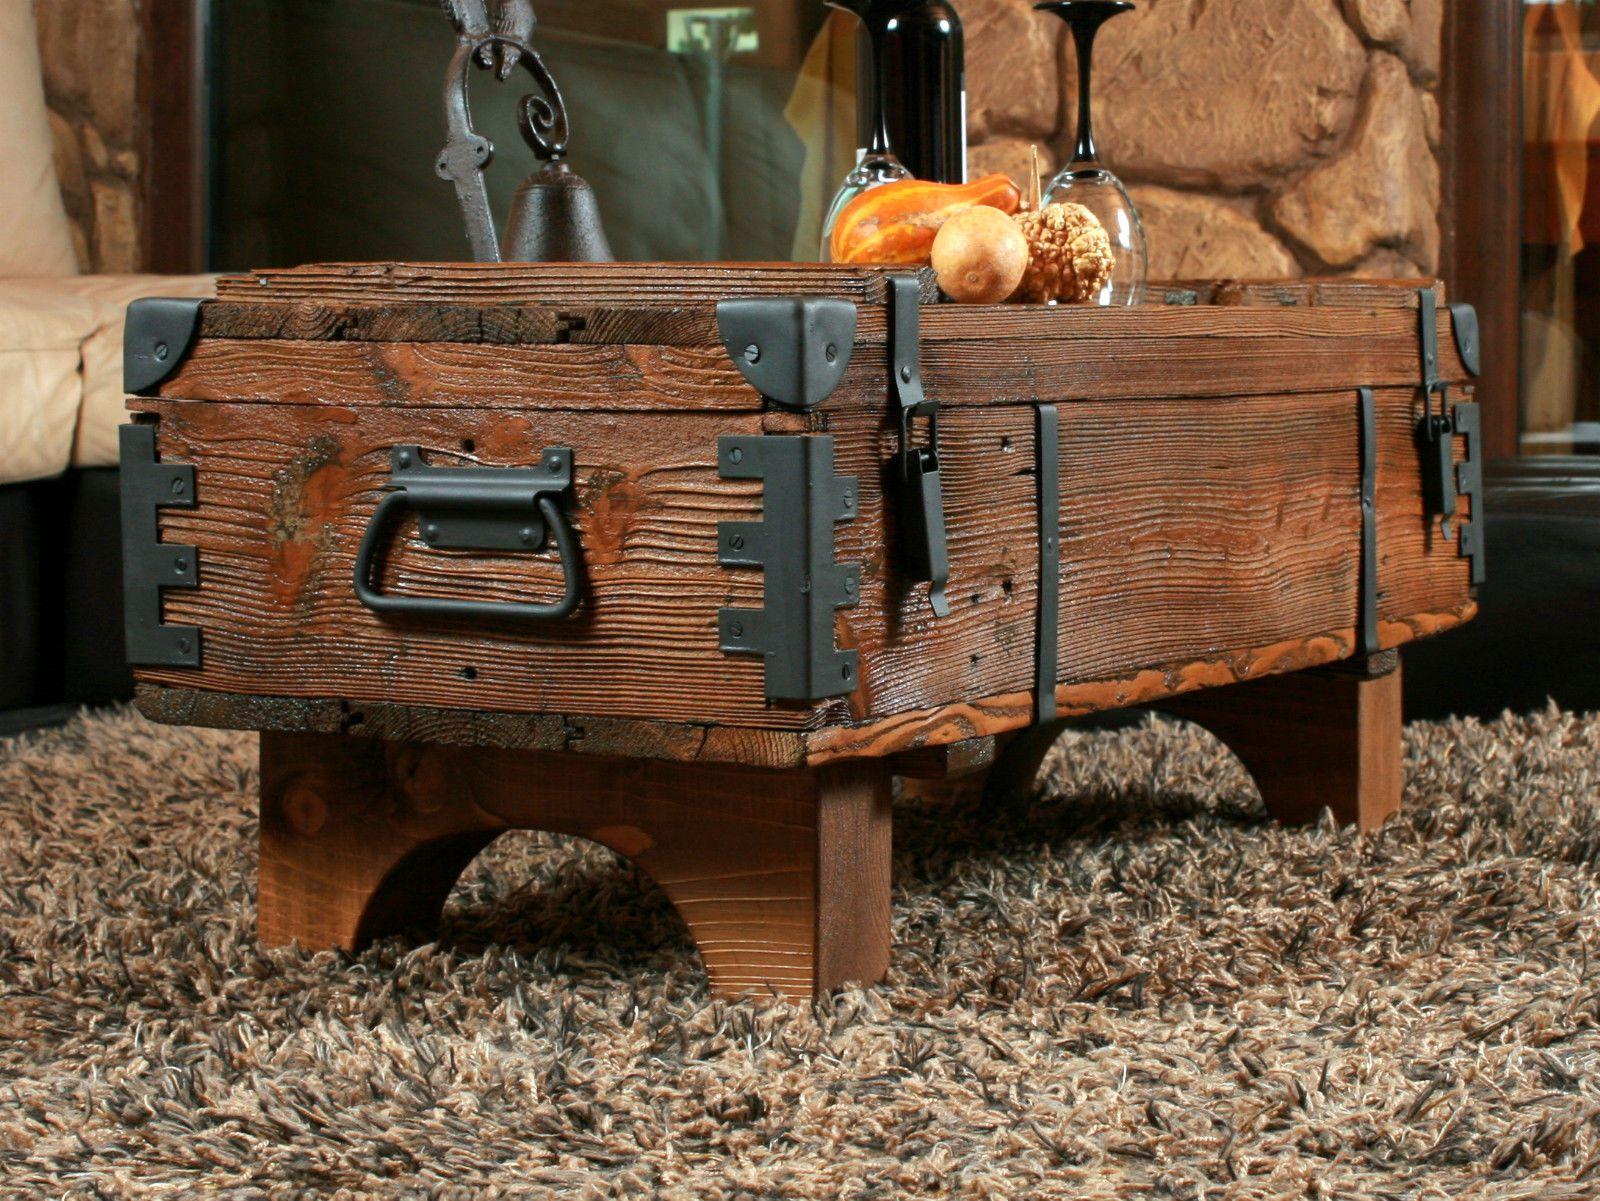 Alte Truhe Kiste Tisch Shabby Chic Holz Beistelltisch Holztruhe Couchtisch  16 U2022 EUR 149,99   PicClick DE